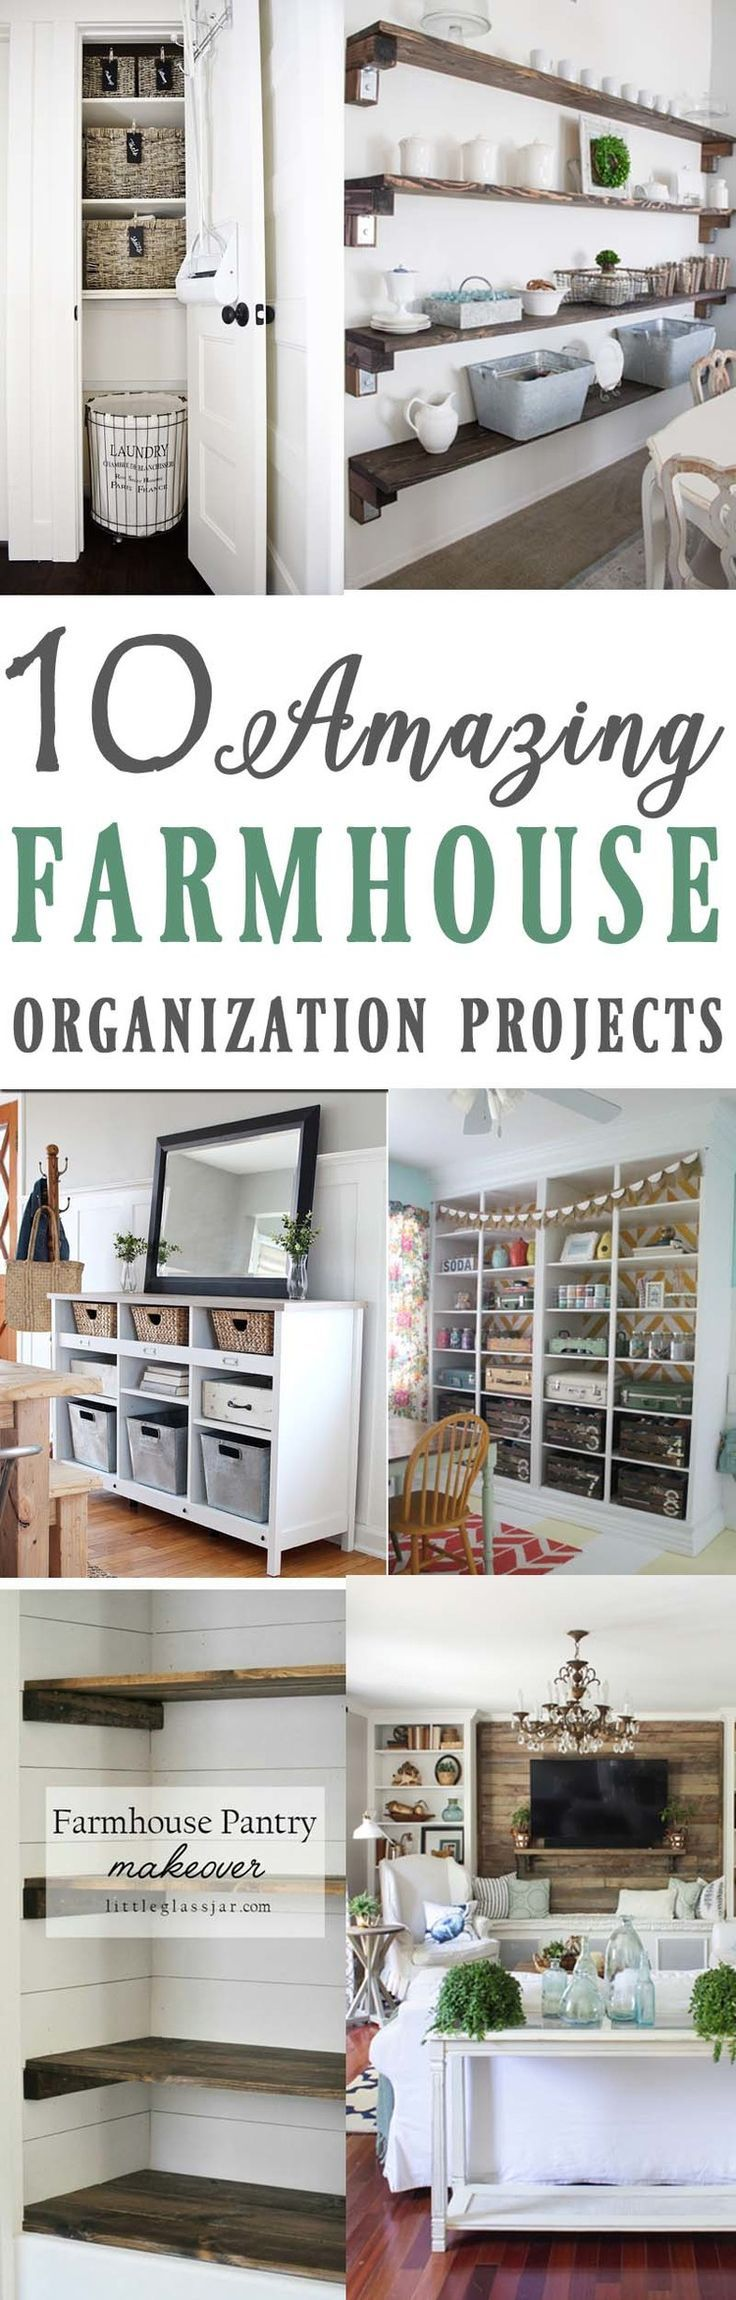 1682 best Organization / Kitchen images on Pinterest | Organization ...